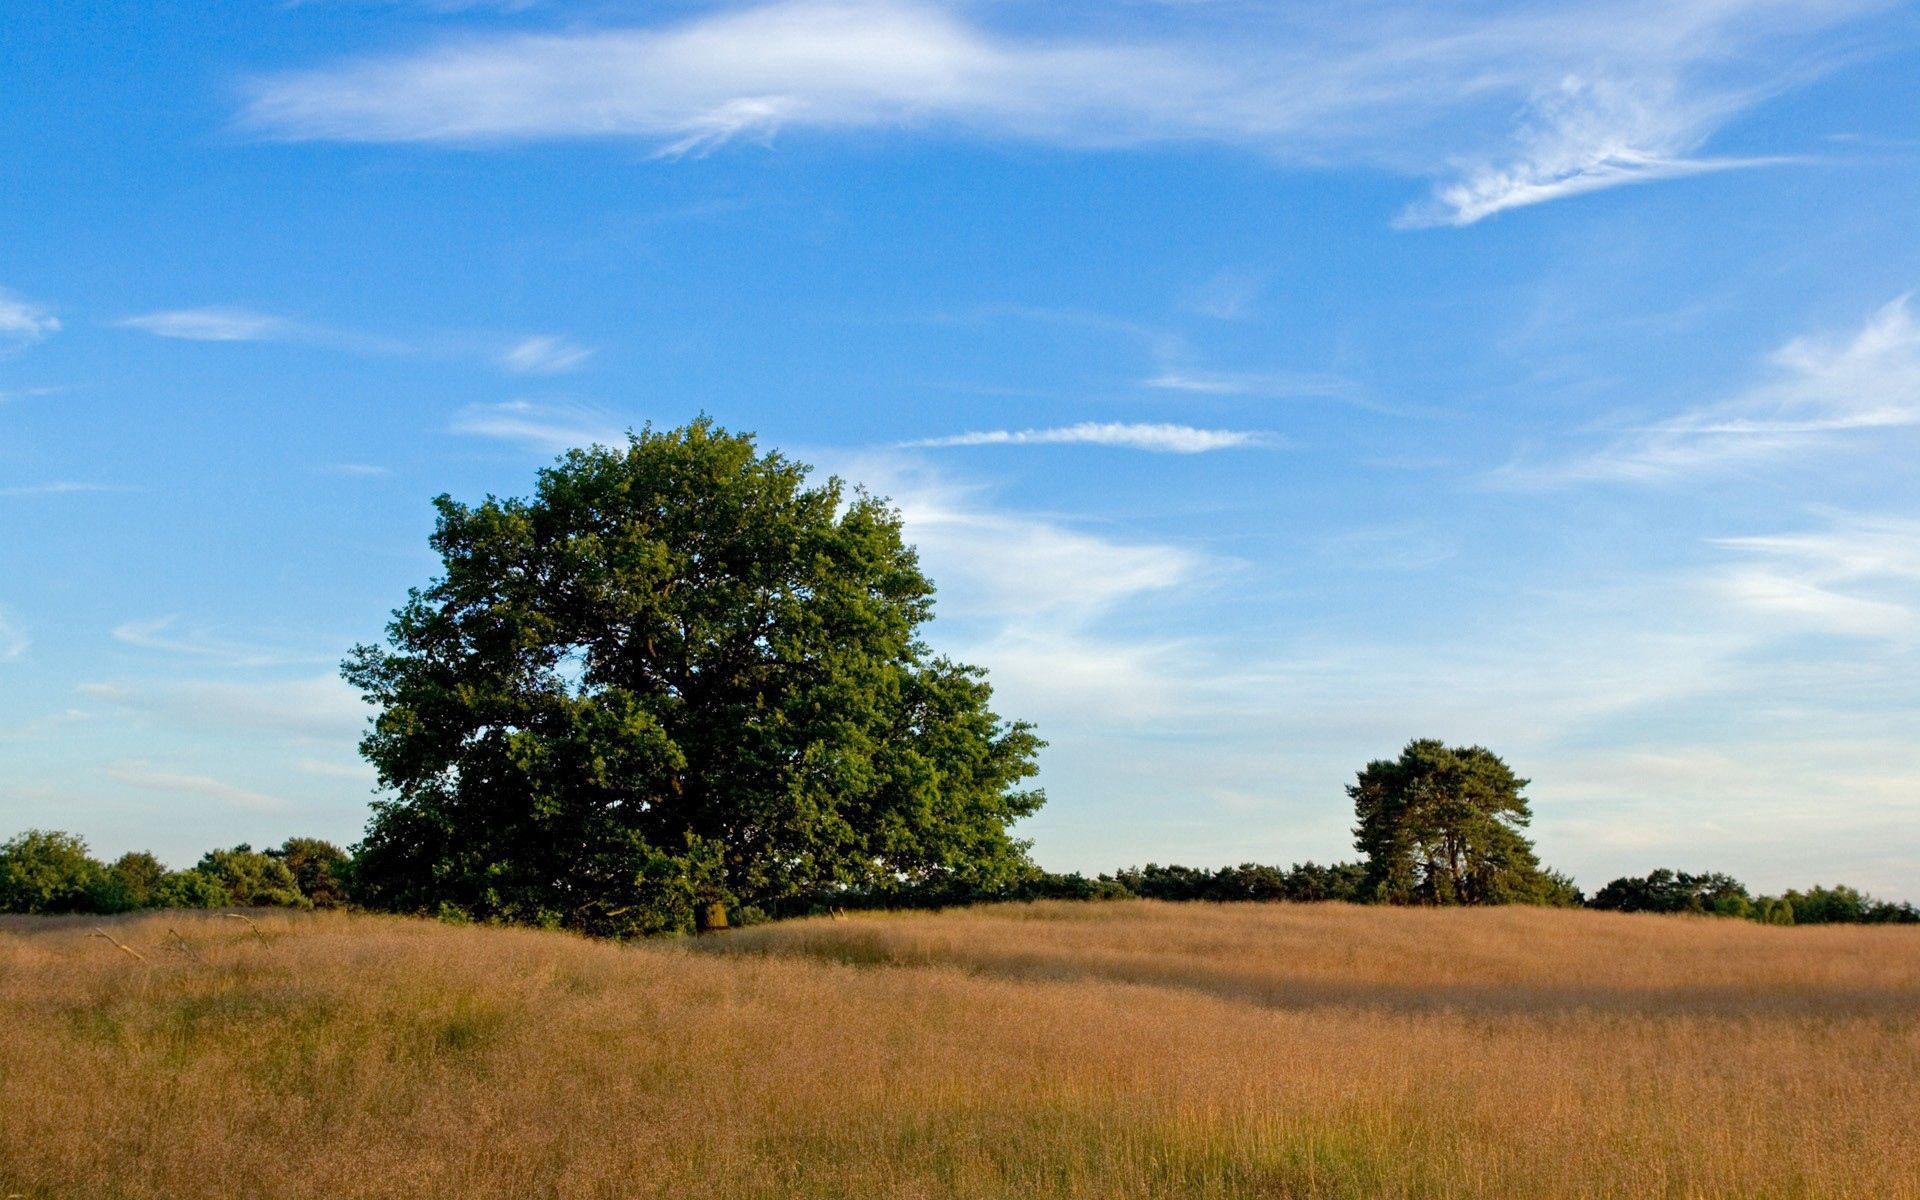 136044 descargar fondo de pantalla Naturaleza, Árboles, Campo, Prado, Hierba, Espacios Abiertos, Extensión: protectores de pantalla e imágenes gratis